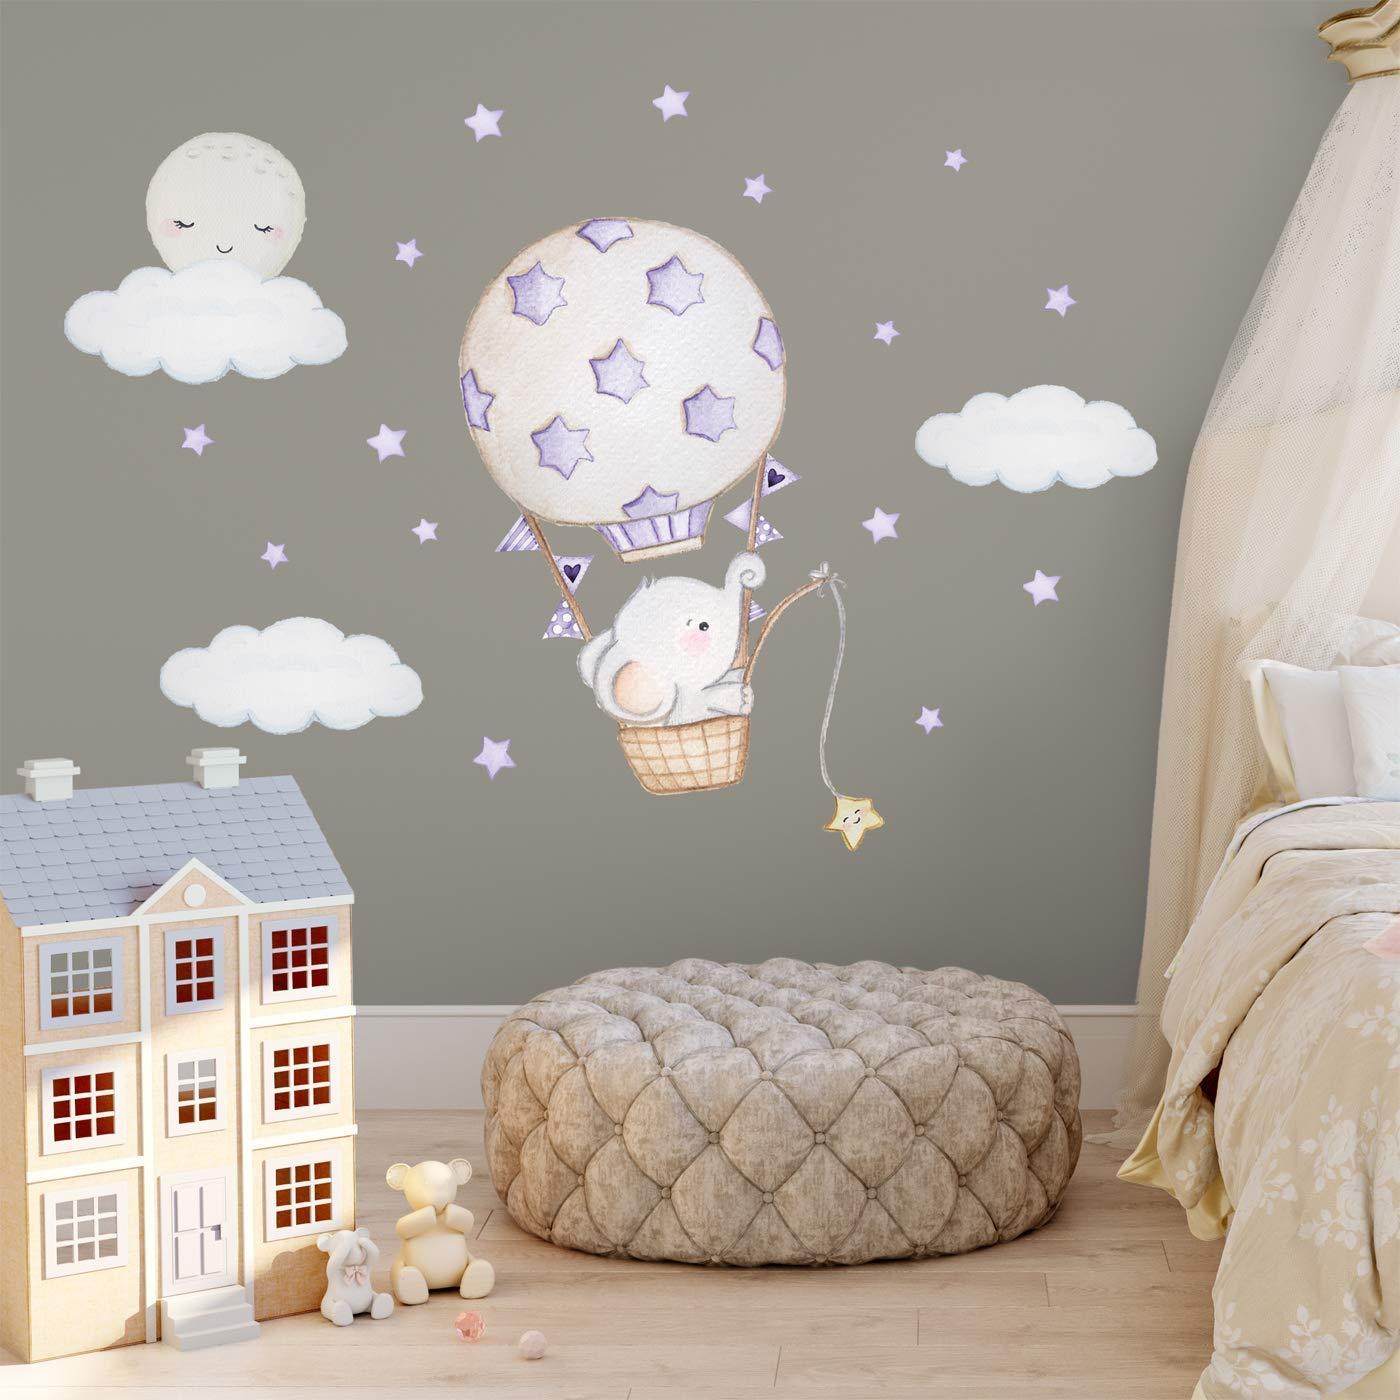 Elefant Kinderzimmer Deko Wand Junge Ballon Sticker Heissluftballon Deko Baby Wandsticker Elefant Babyzimmer Aufkleber Kinderzimmer Wandaufkleber Jungen Babyzimmer Wandtattoo Tiere Babyzimmer Deko Mint